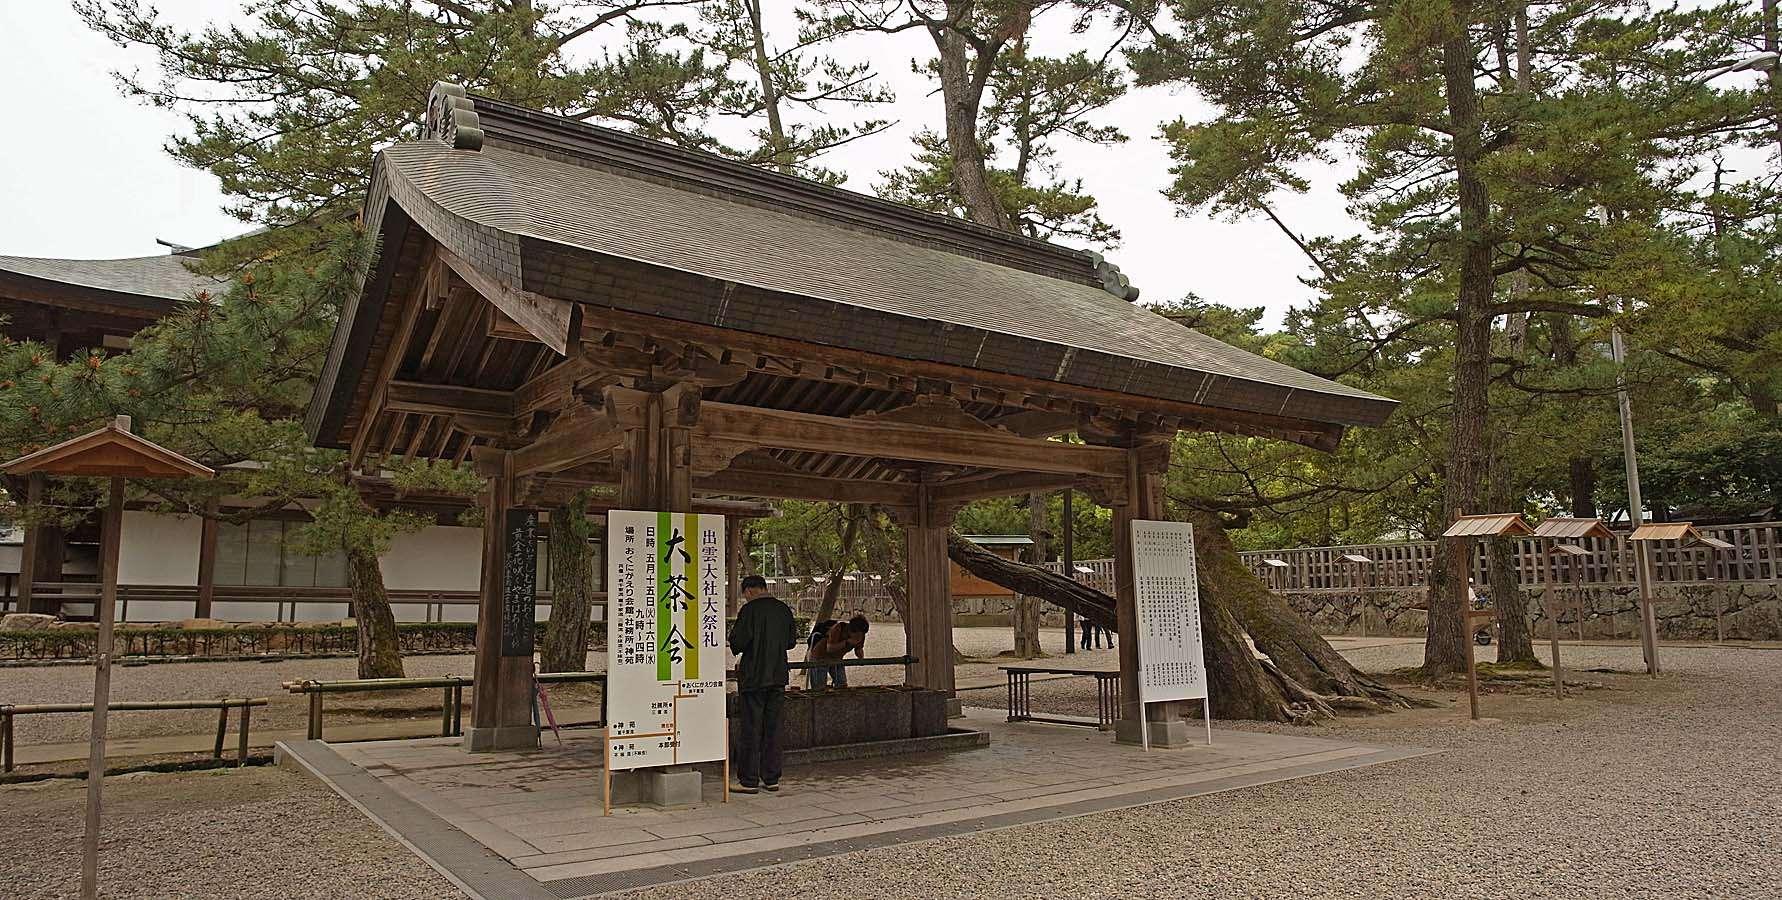 Bạn phải thực hiện các nghi lễ thanh tẩy trước khi bước vào bất kì ngôi đền nào ở Nhật Bản